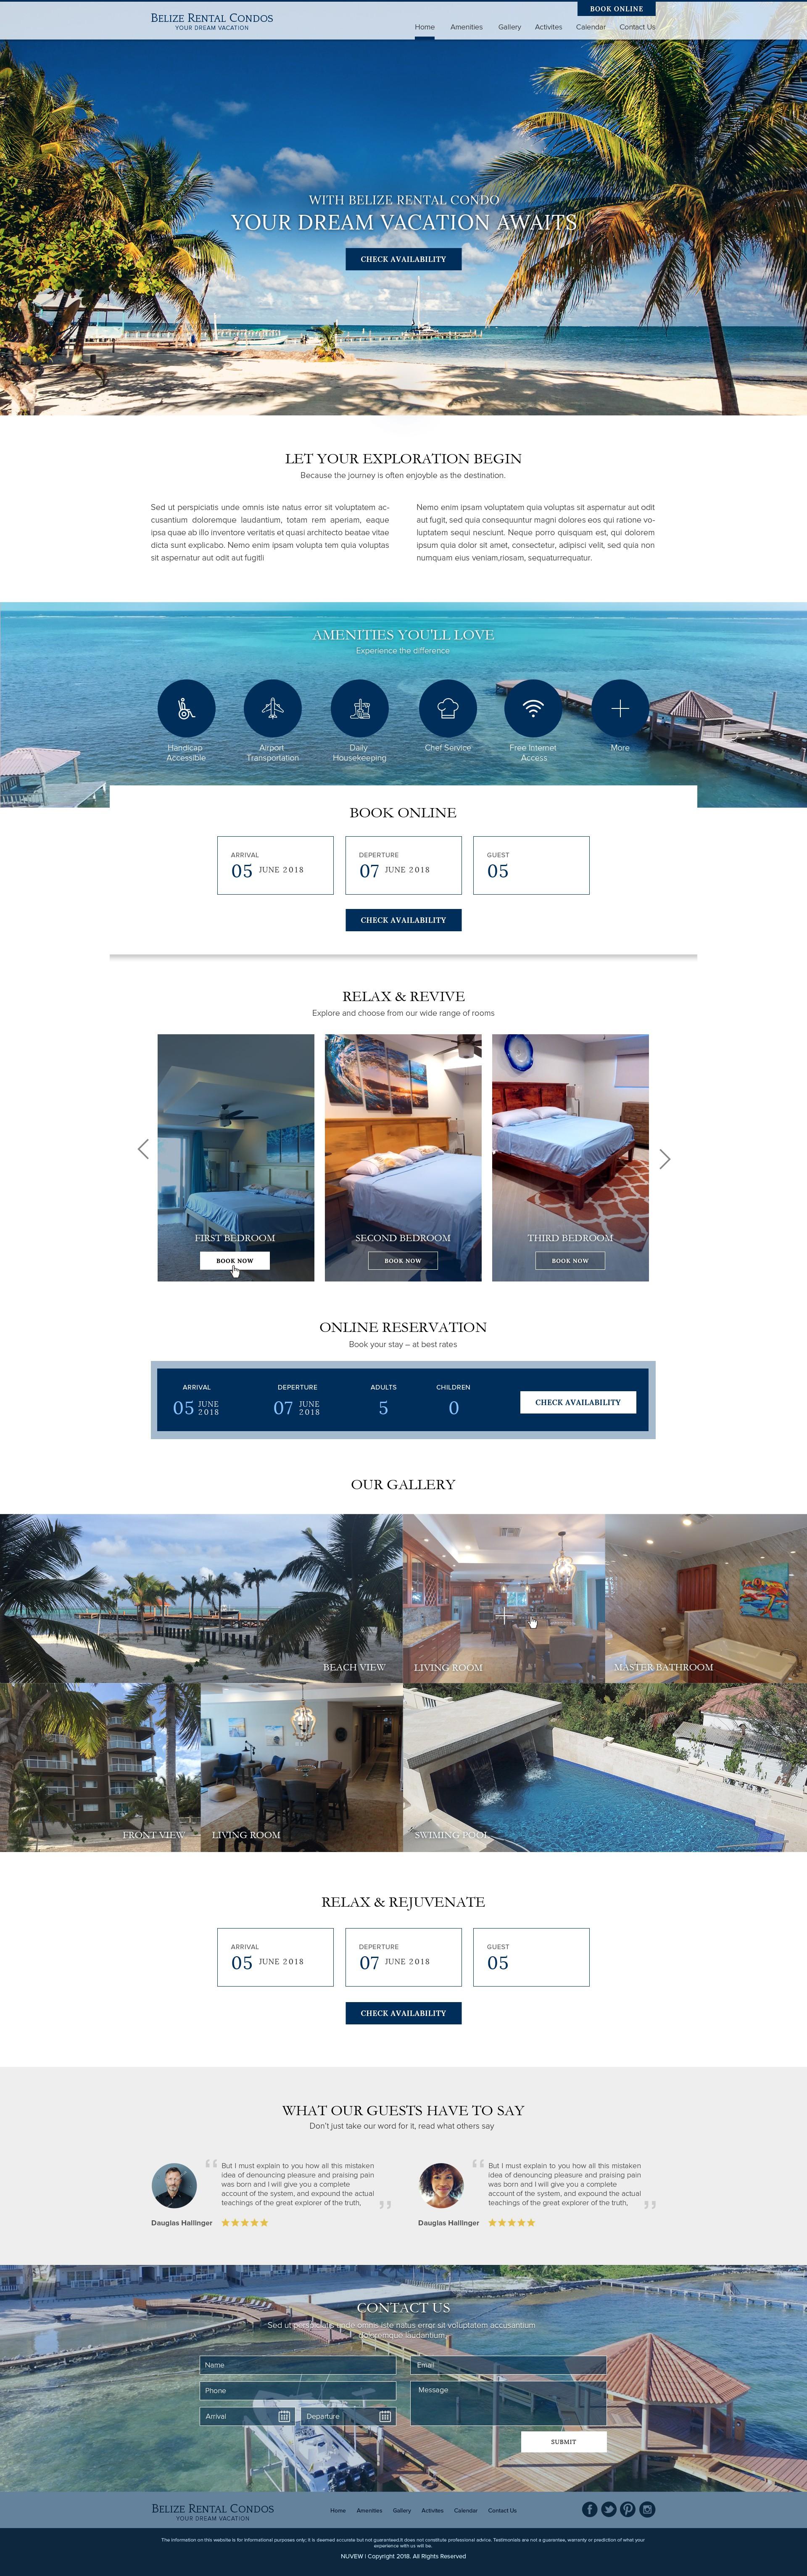 Landing Page - Belize Condo